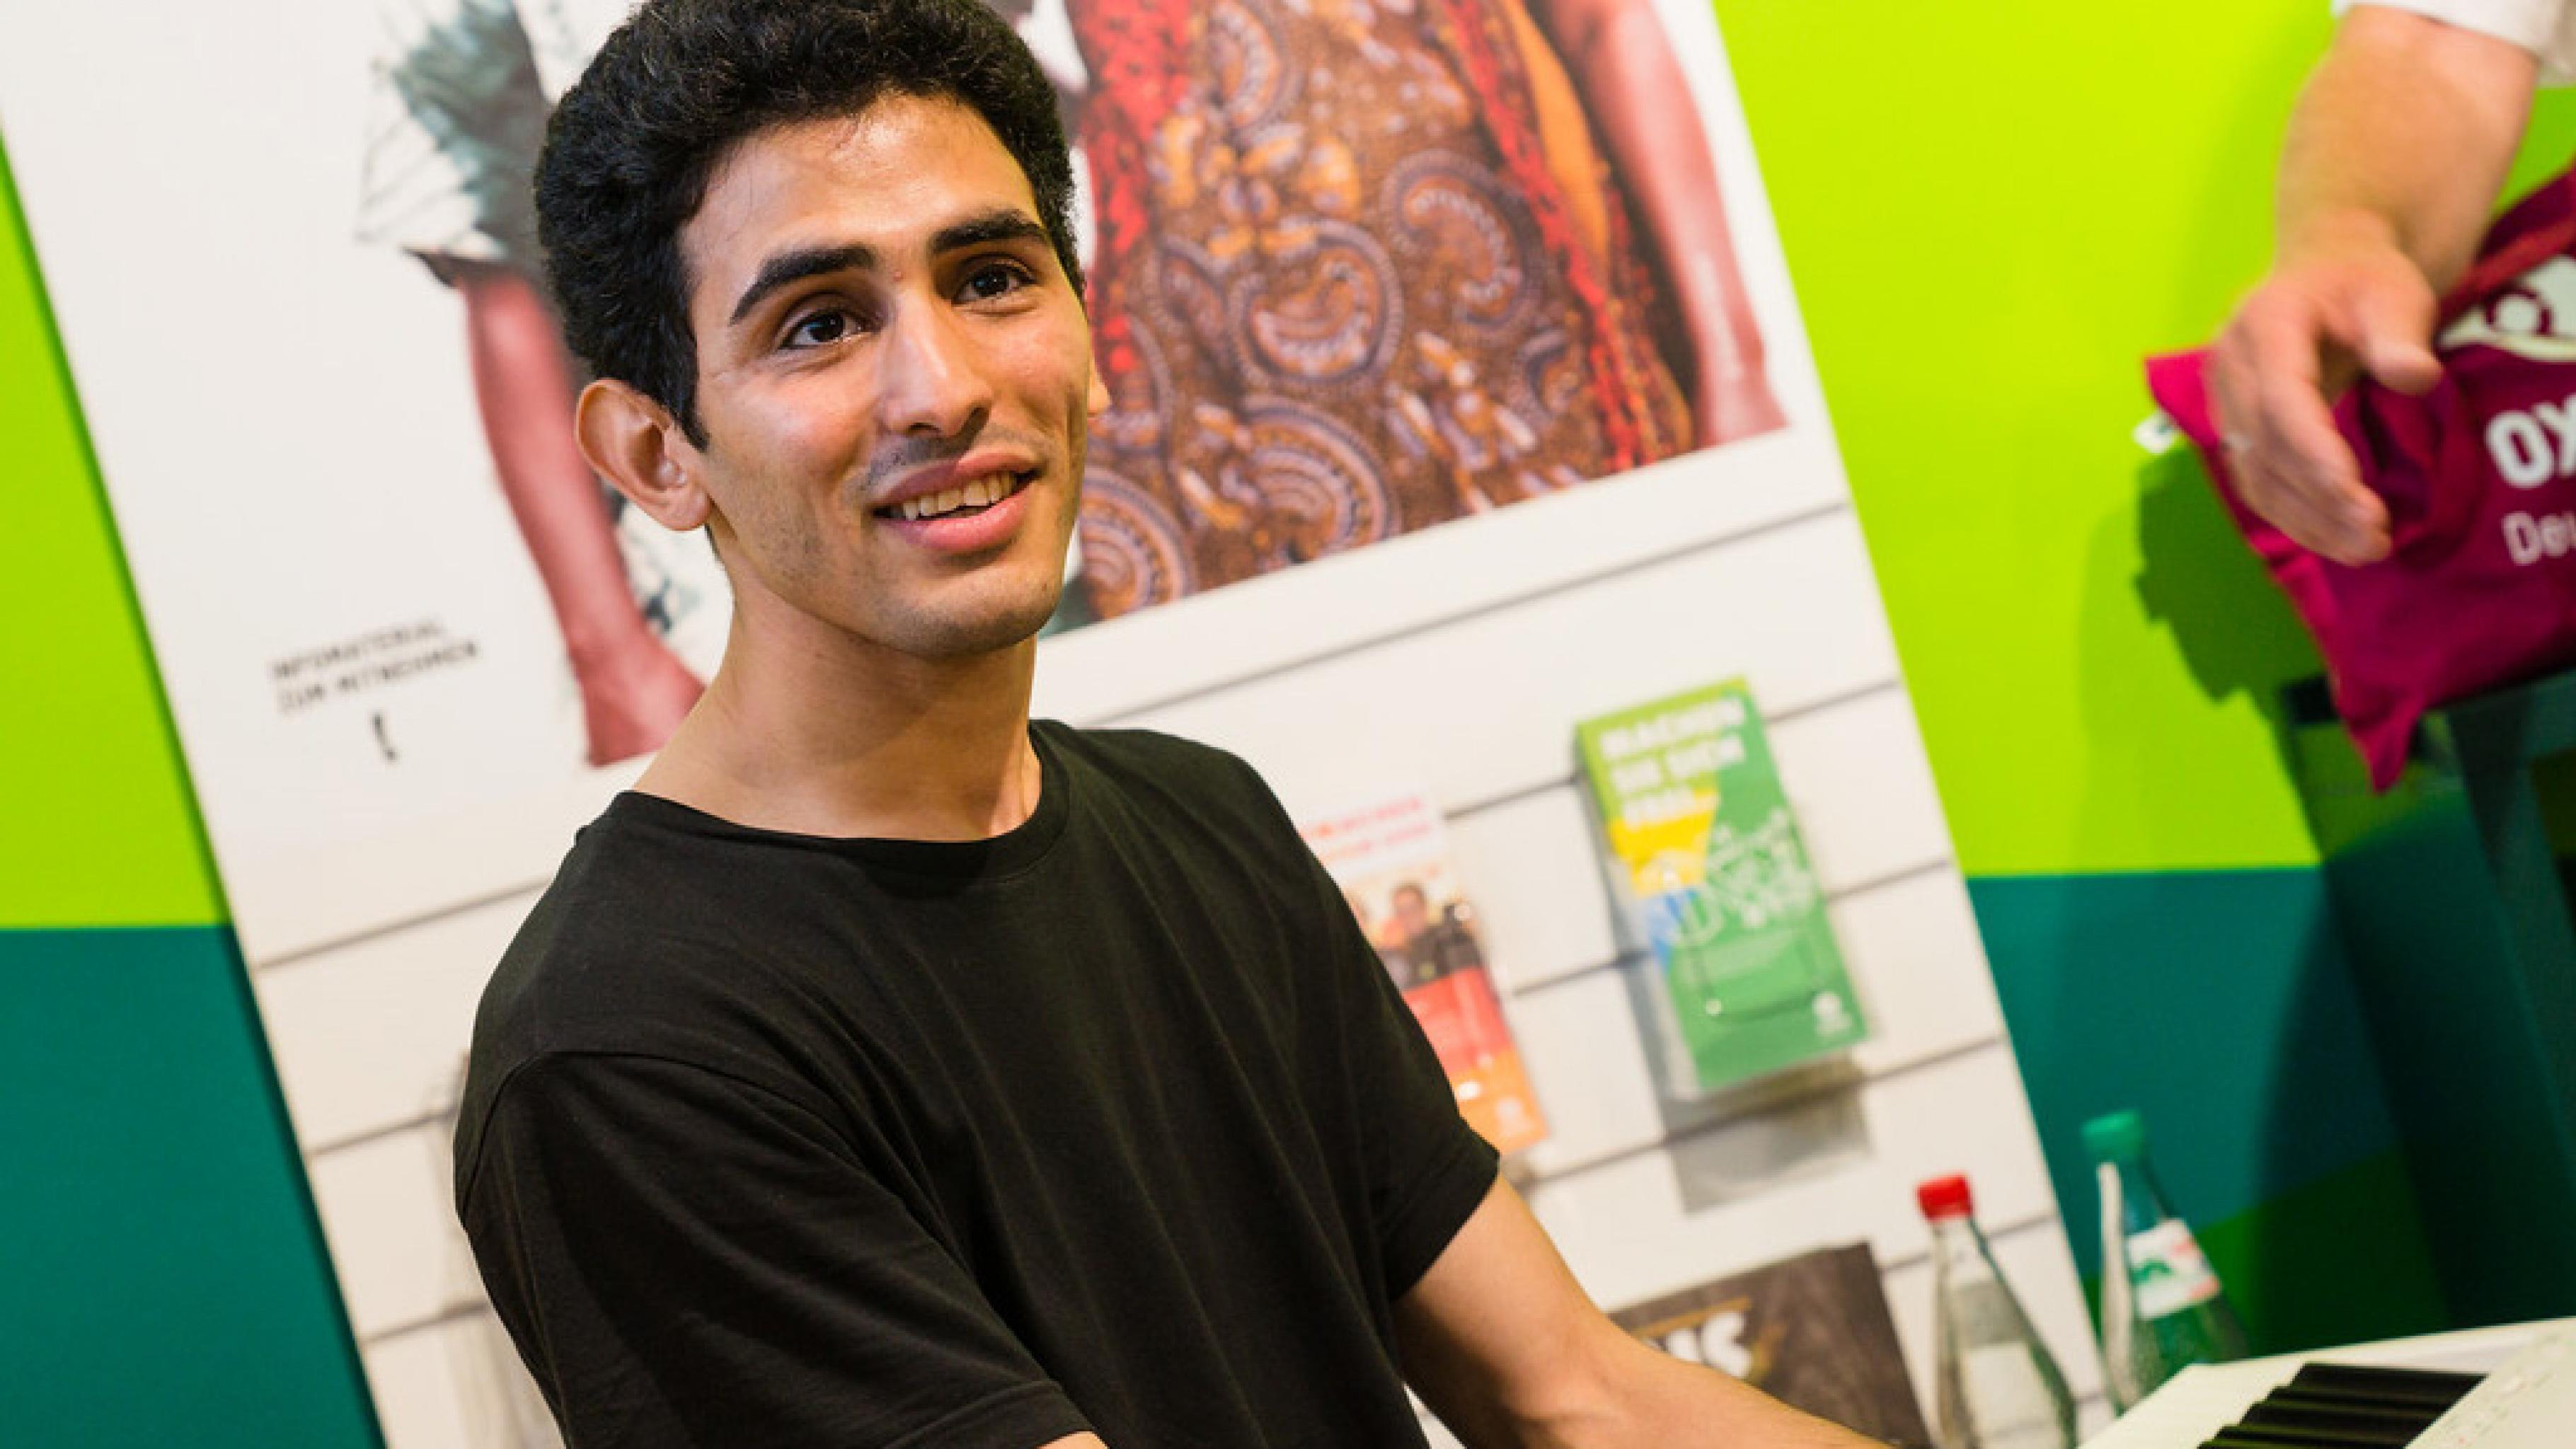 Oxfam Shop Frankfurt-Nordend - Friedensaktivist Aeham Ahmad als Gast bei der Eröffnung 2016